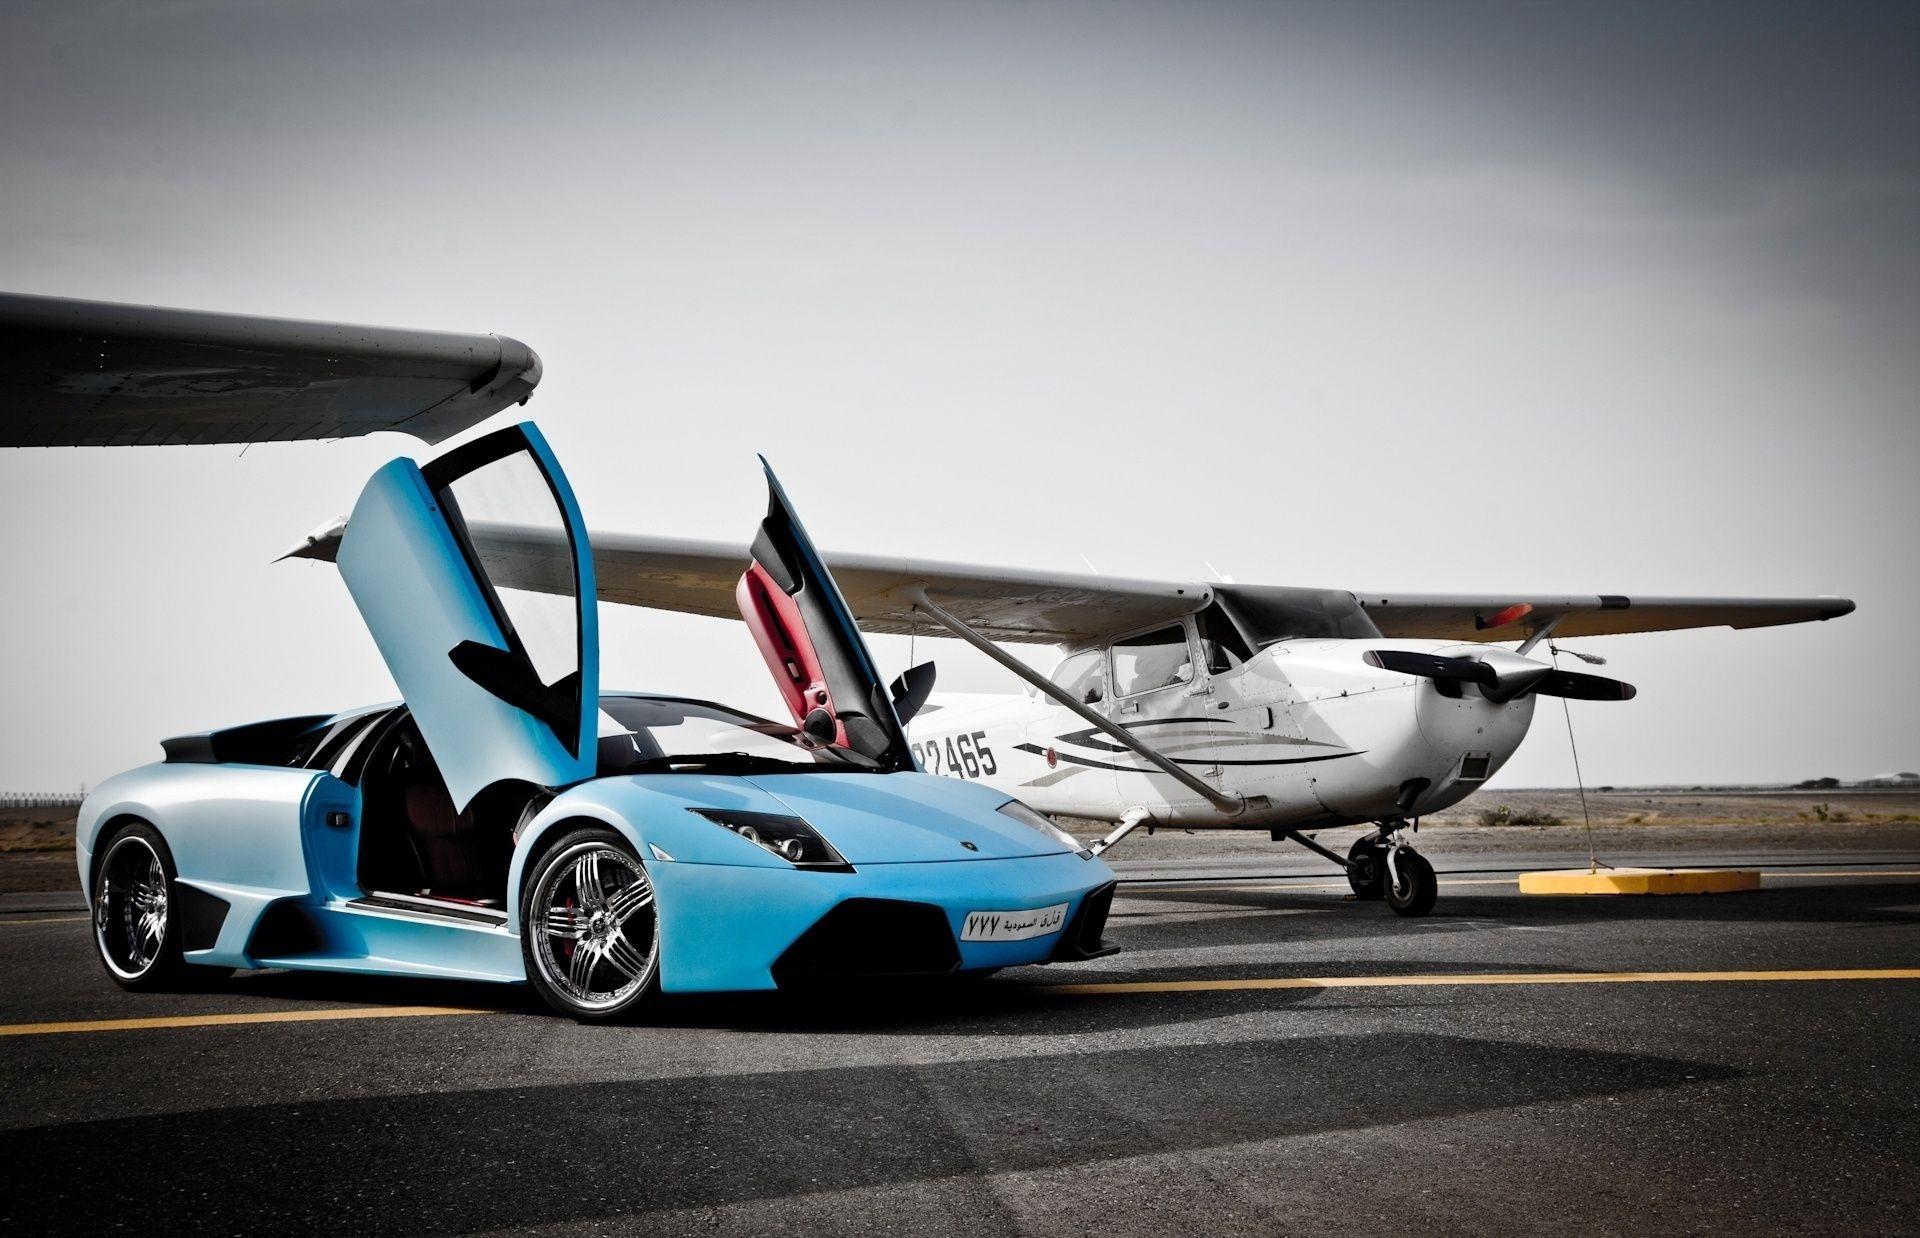 картинки машин на самолетах самолета функция